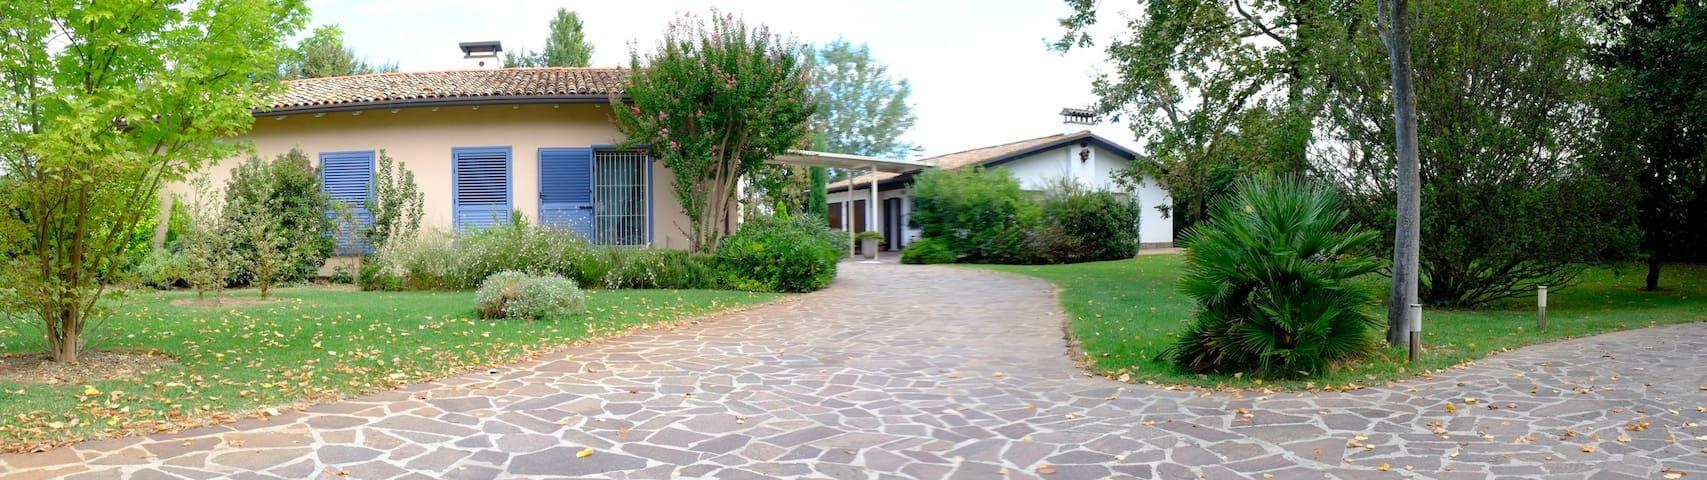 Villa Lori - Ravenna - Haus